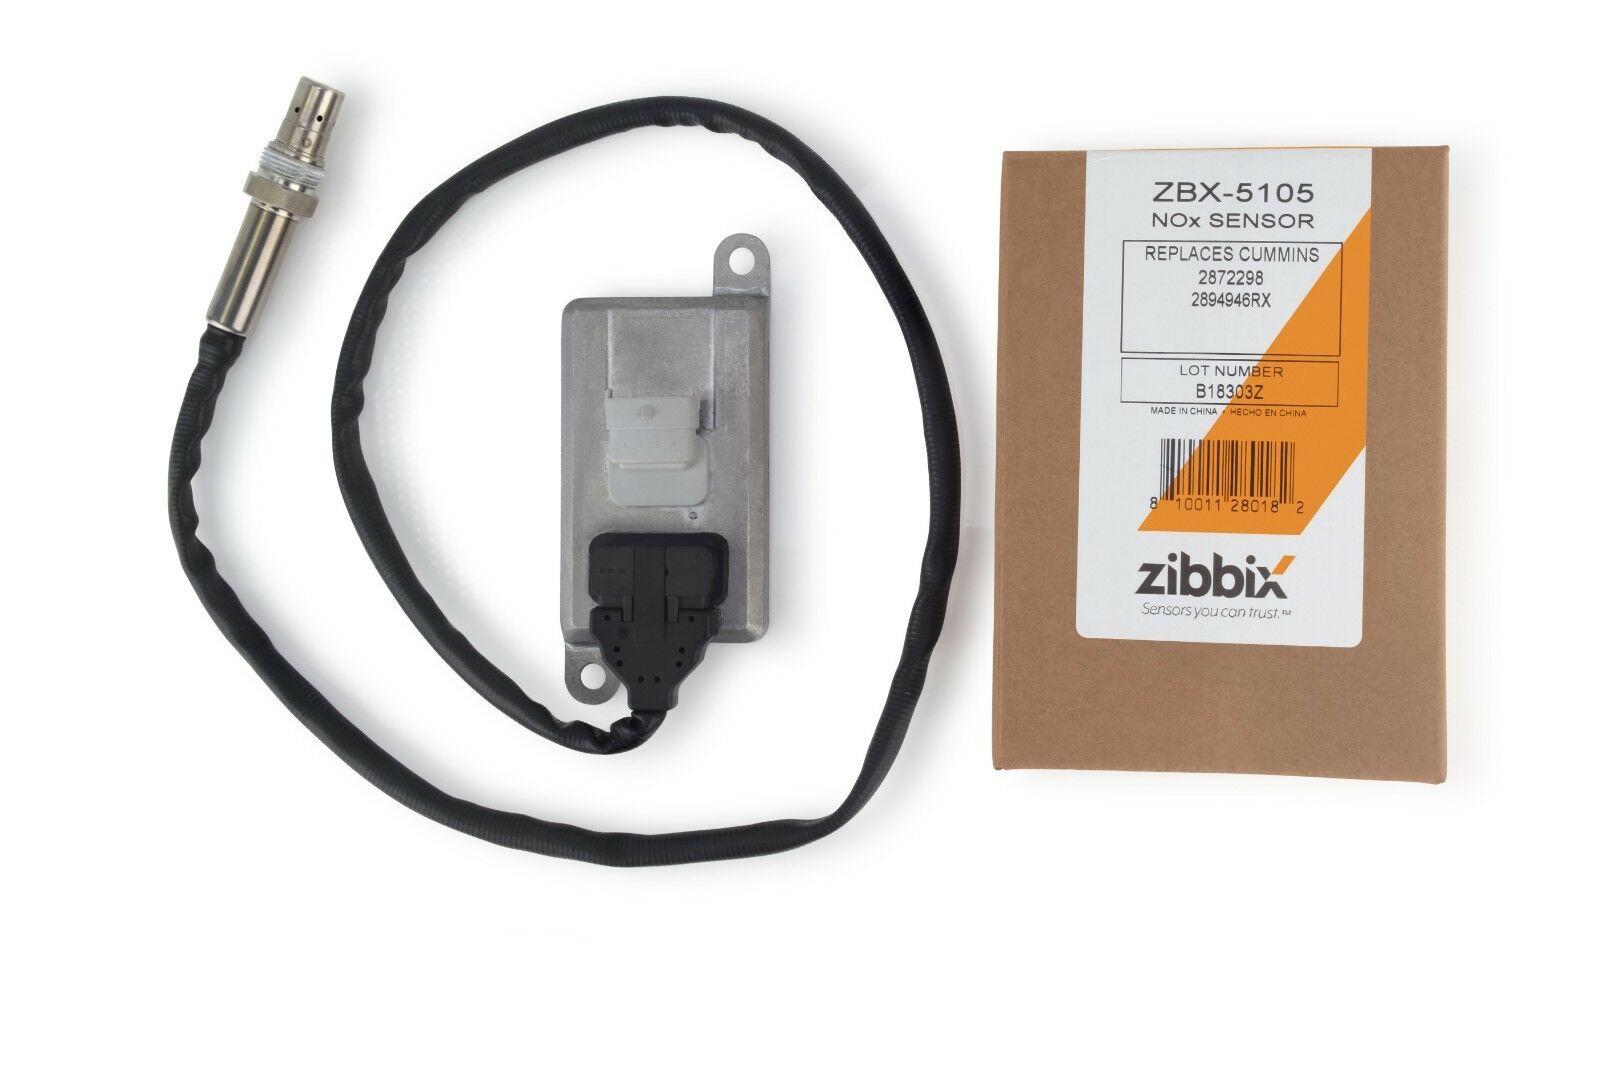 Zibbix NOx Nitrogen Oxide Sensor For Cummins